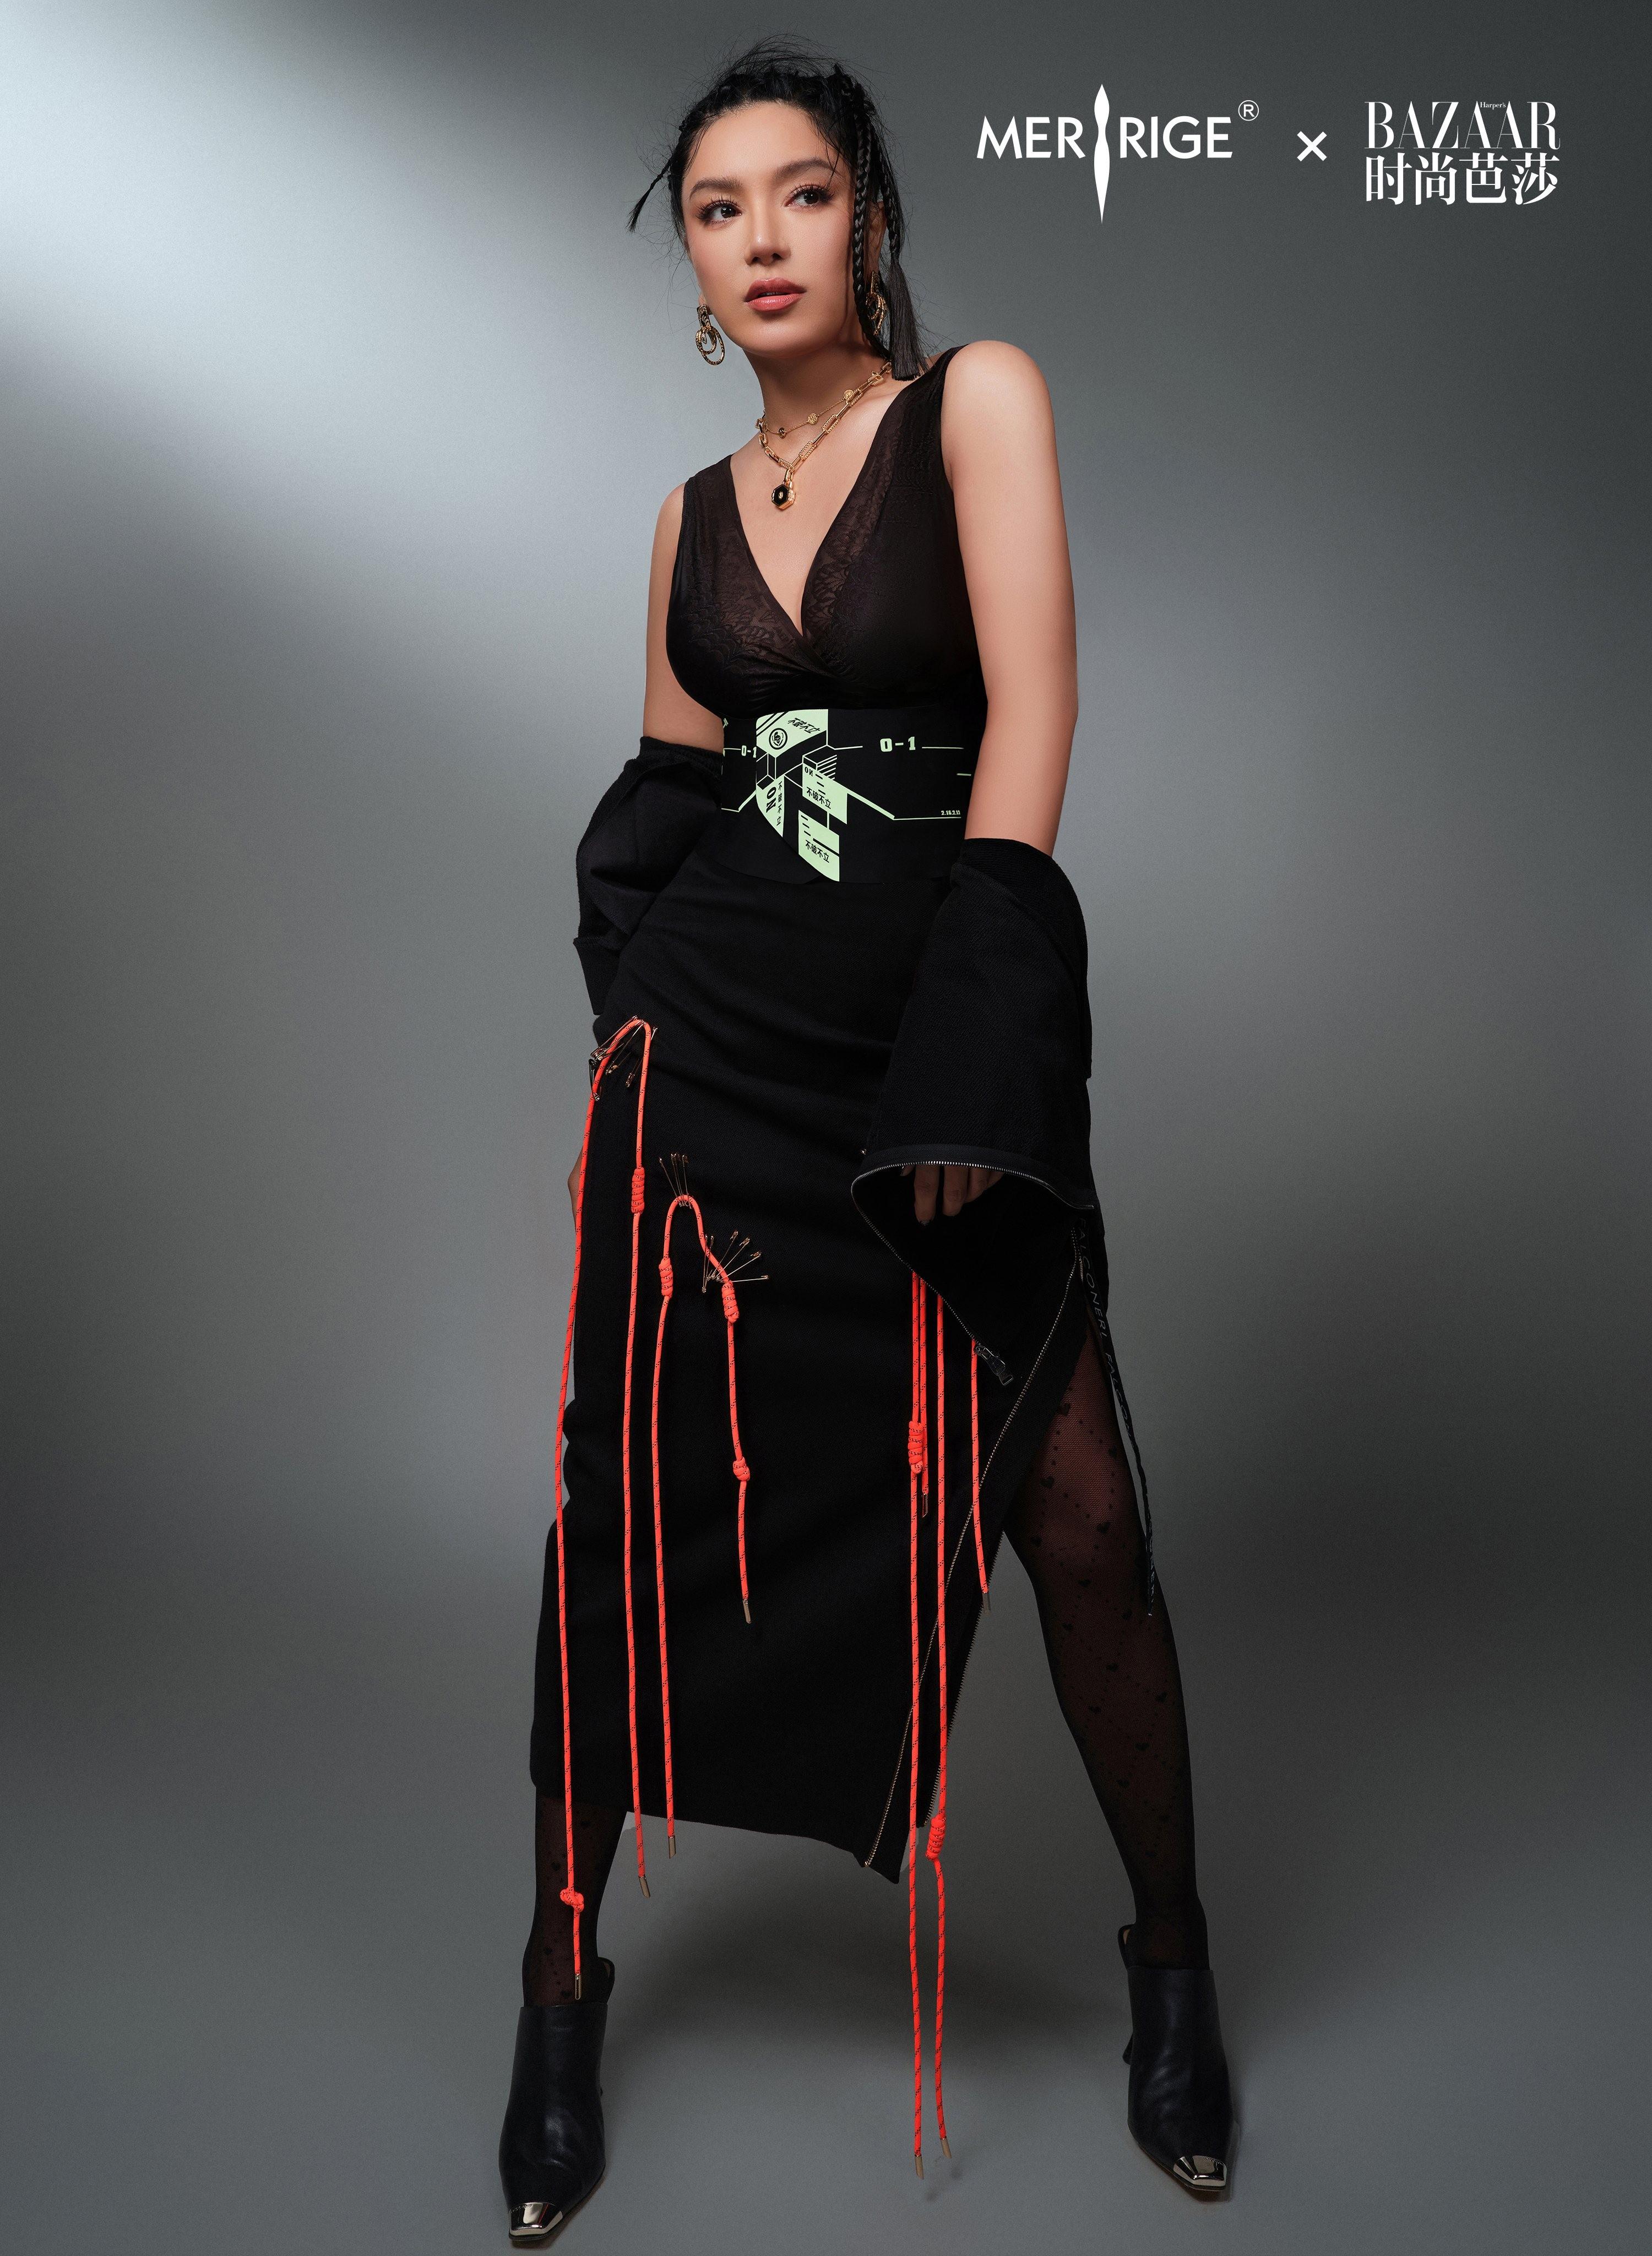 江映蓉同款瘦腰神器——美出新姿态